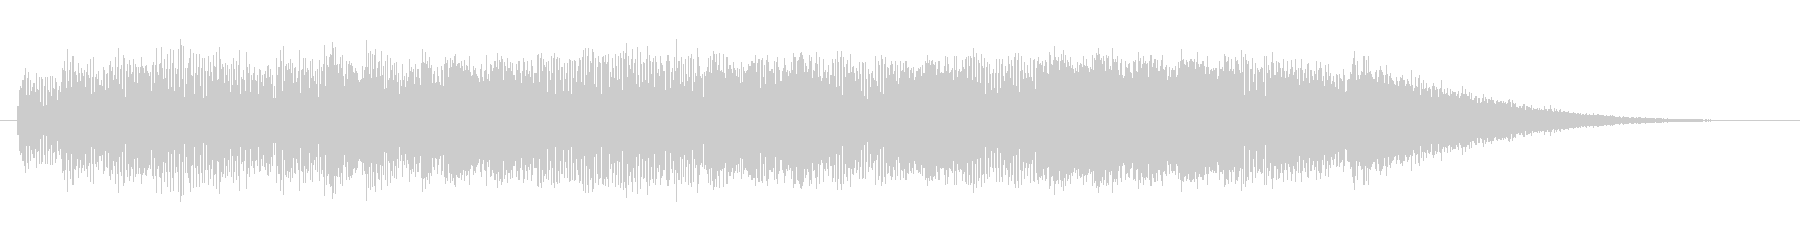 機械 ホラーオーケストラロング03の未再生の波形